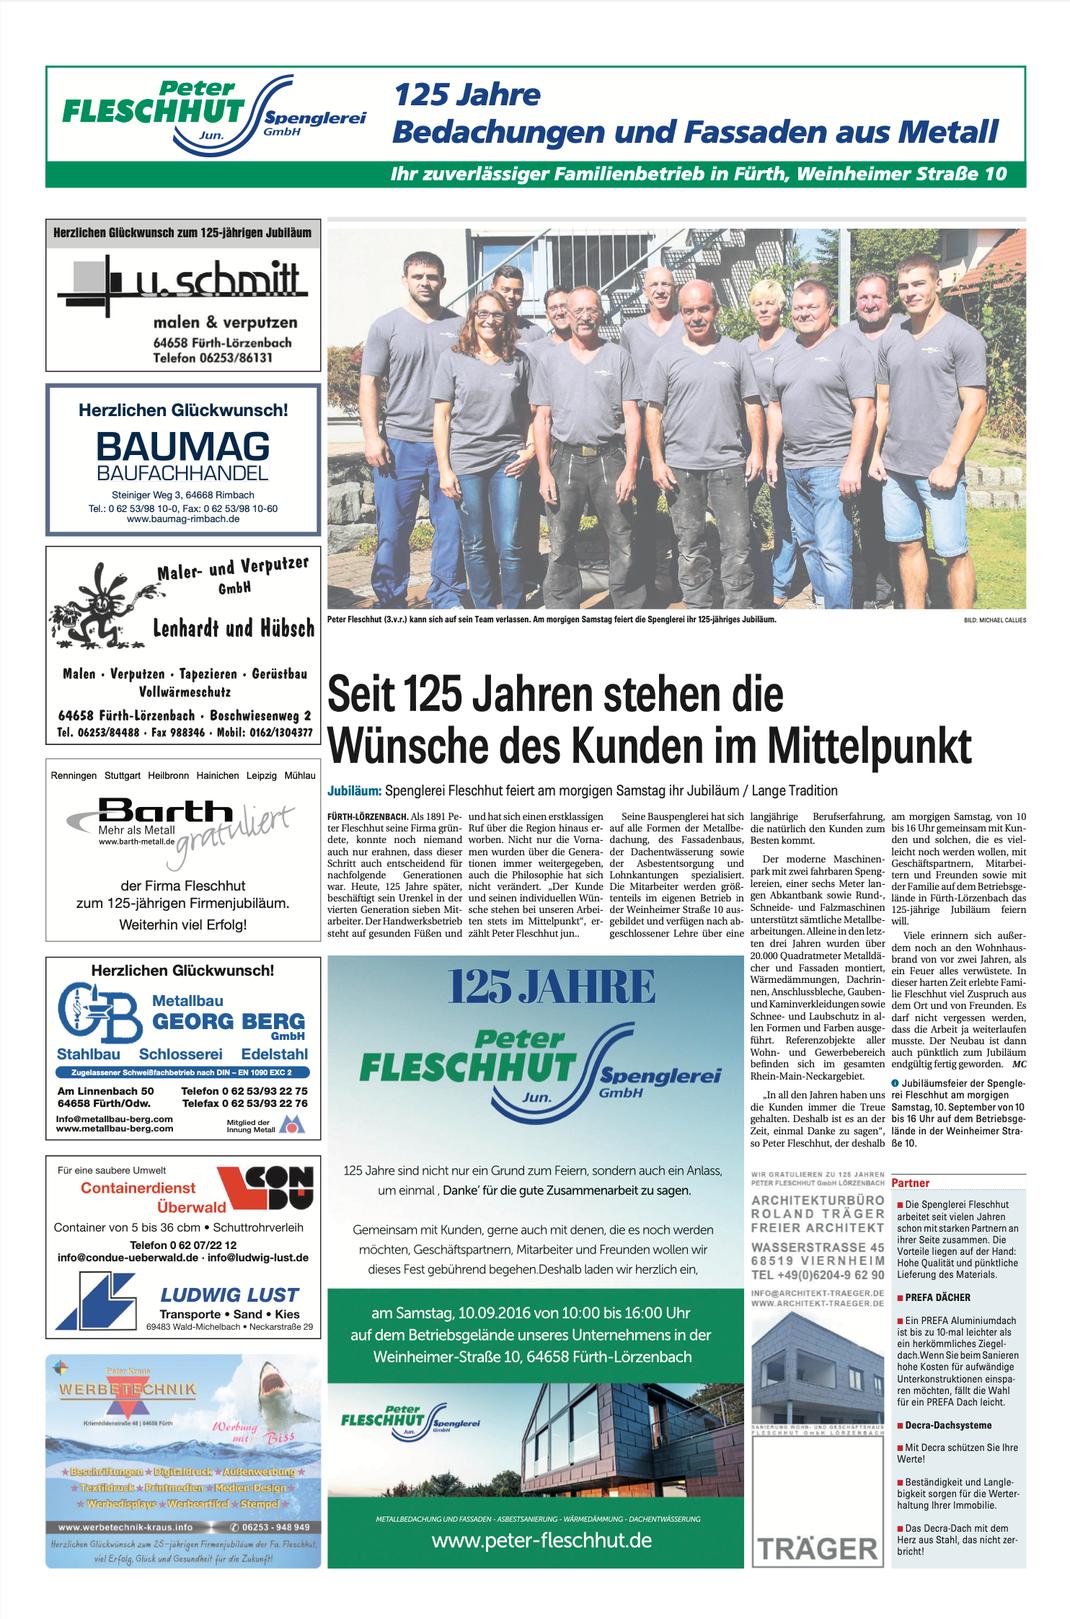 Artikel Tagespresse zum 125jährigen Jubiläum der Peter Fleschhut GmbH